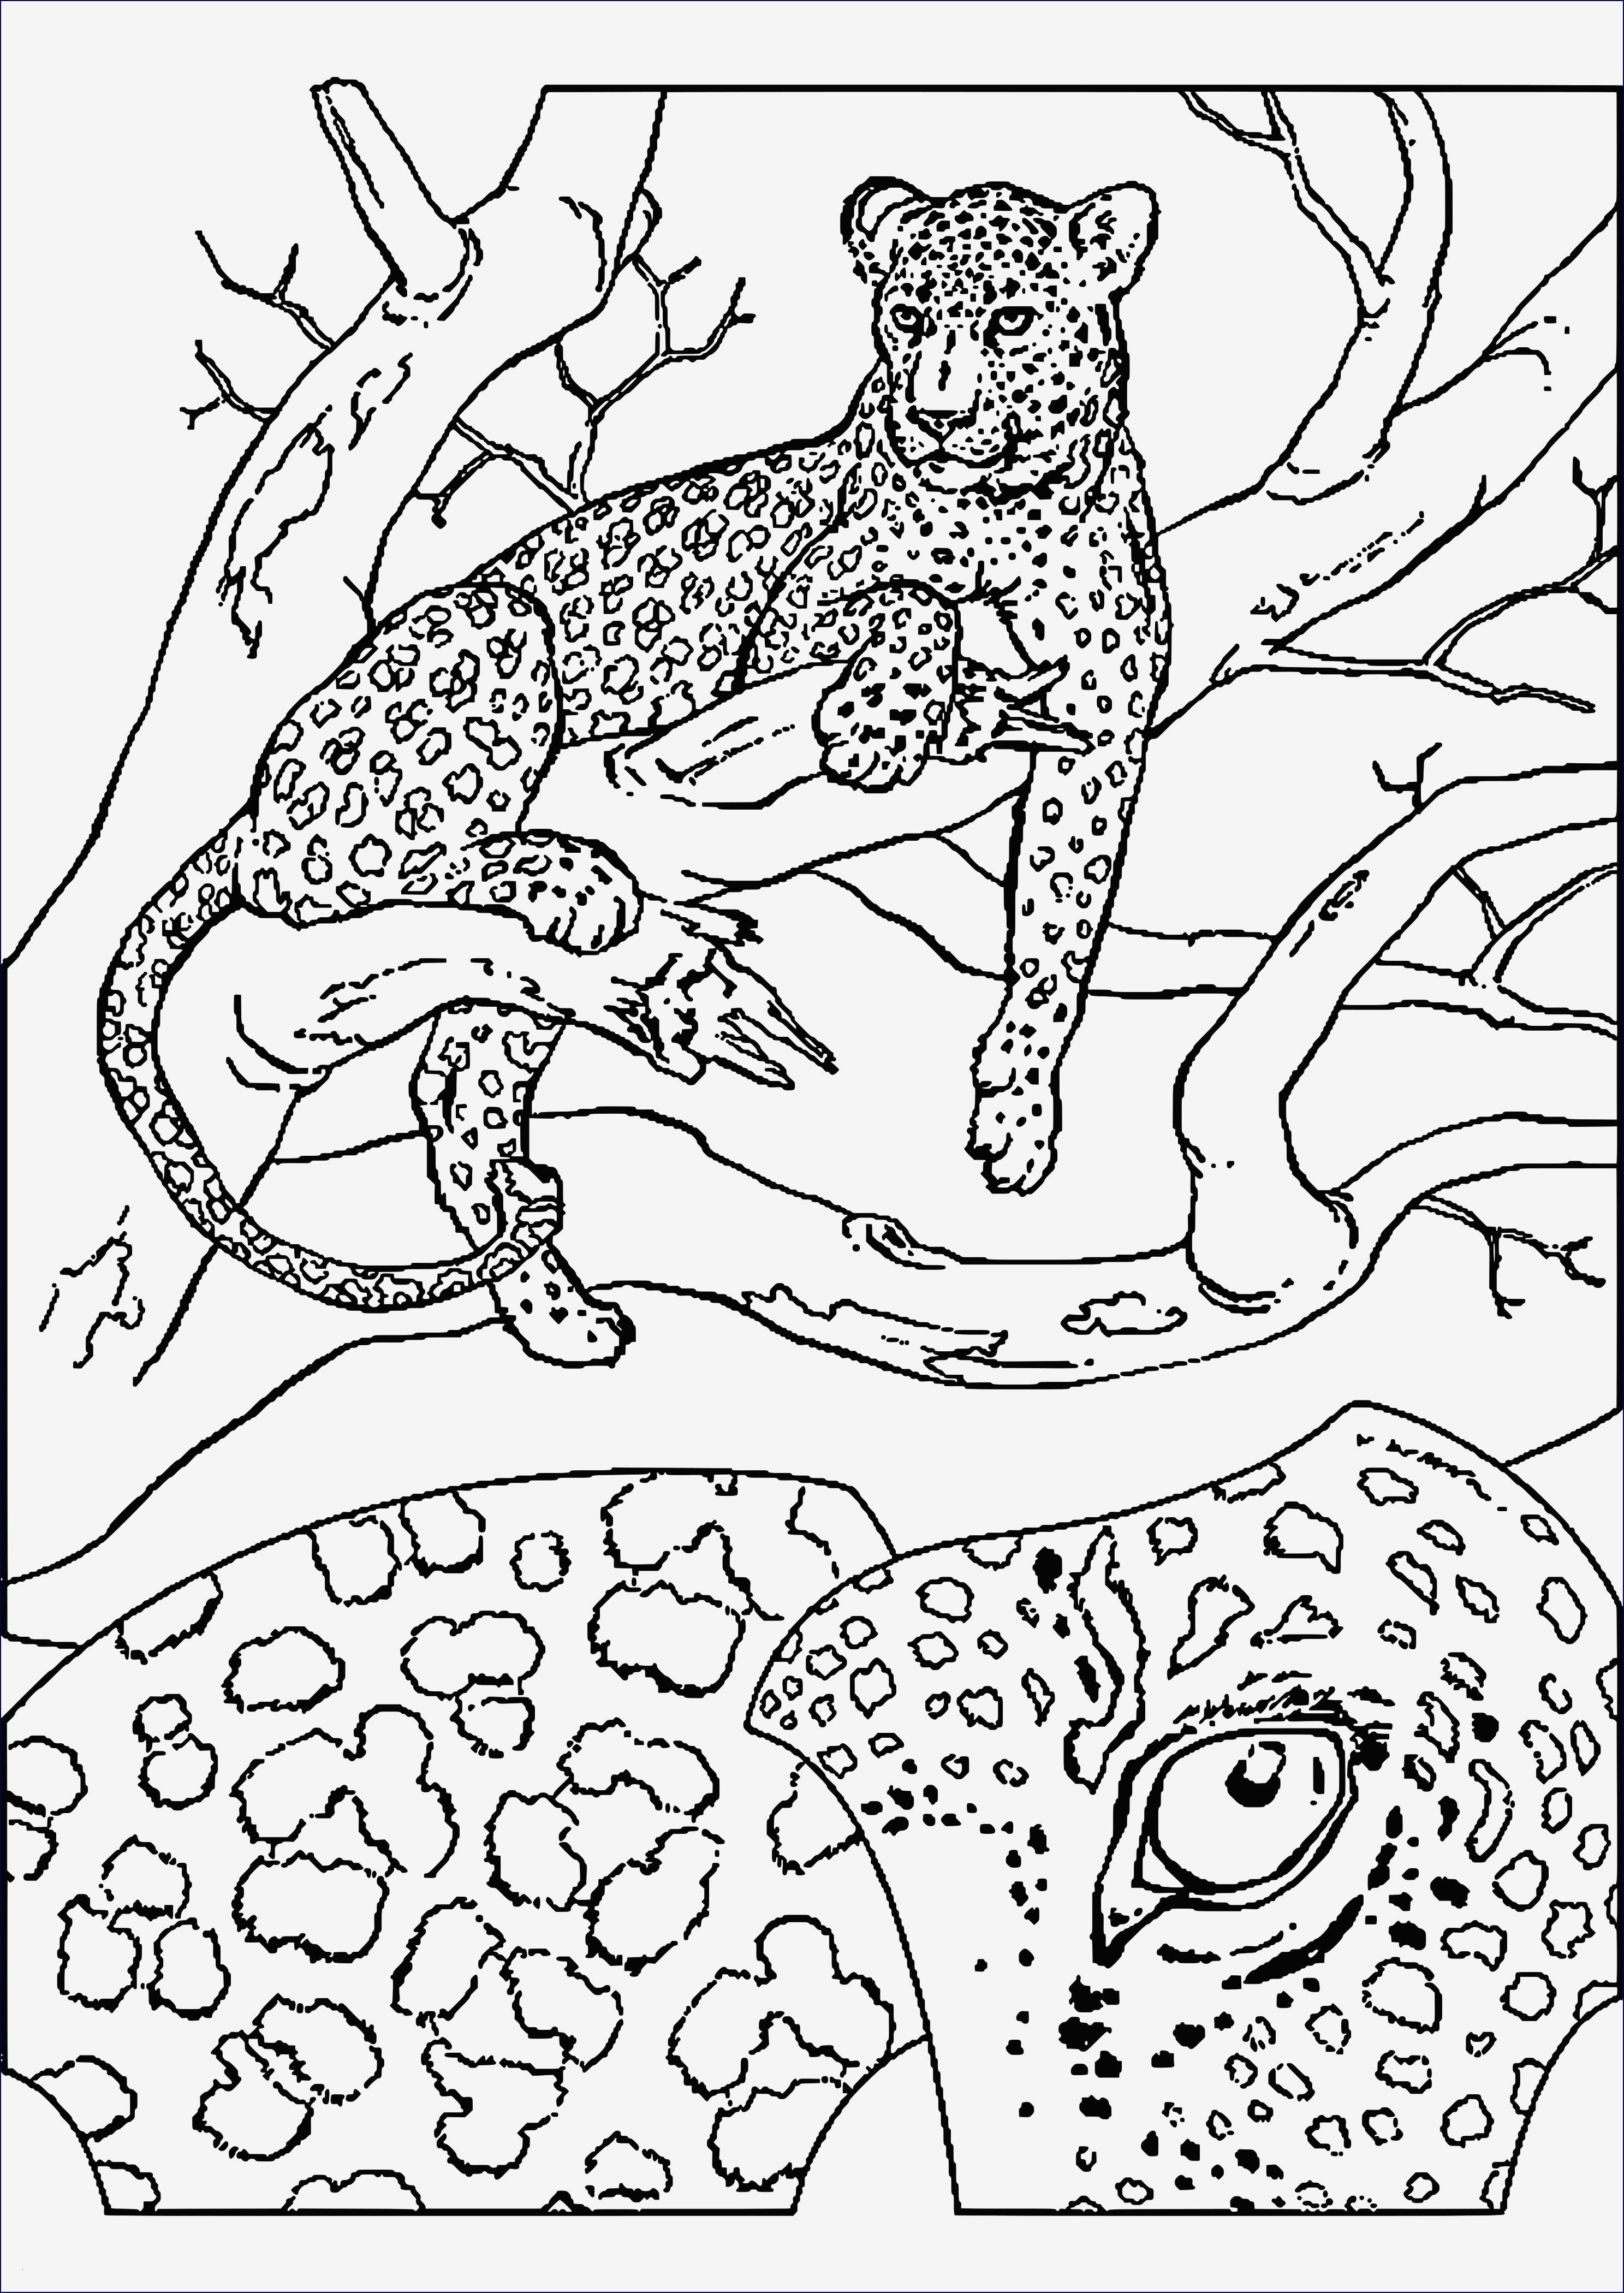 Ostereier Ausmalbilder Zum Ausdrucken Einzigartig Ausmalbilder Osterei Inspirierend Malvorlagen Igel Einzigartig Igel Bilder